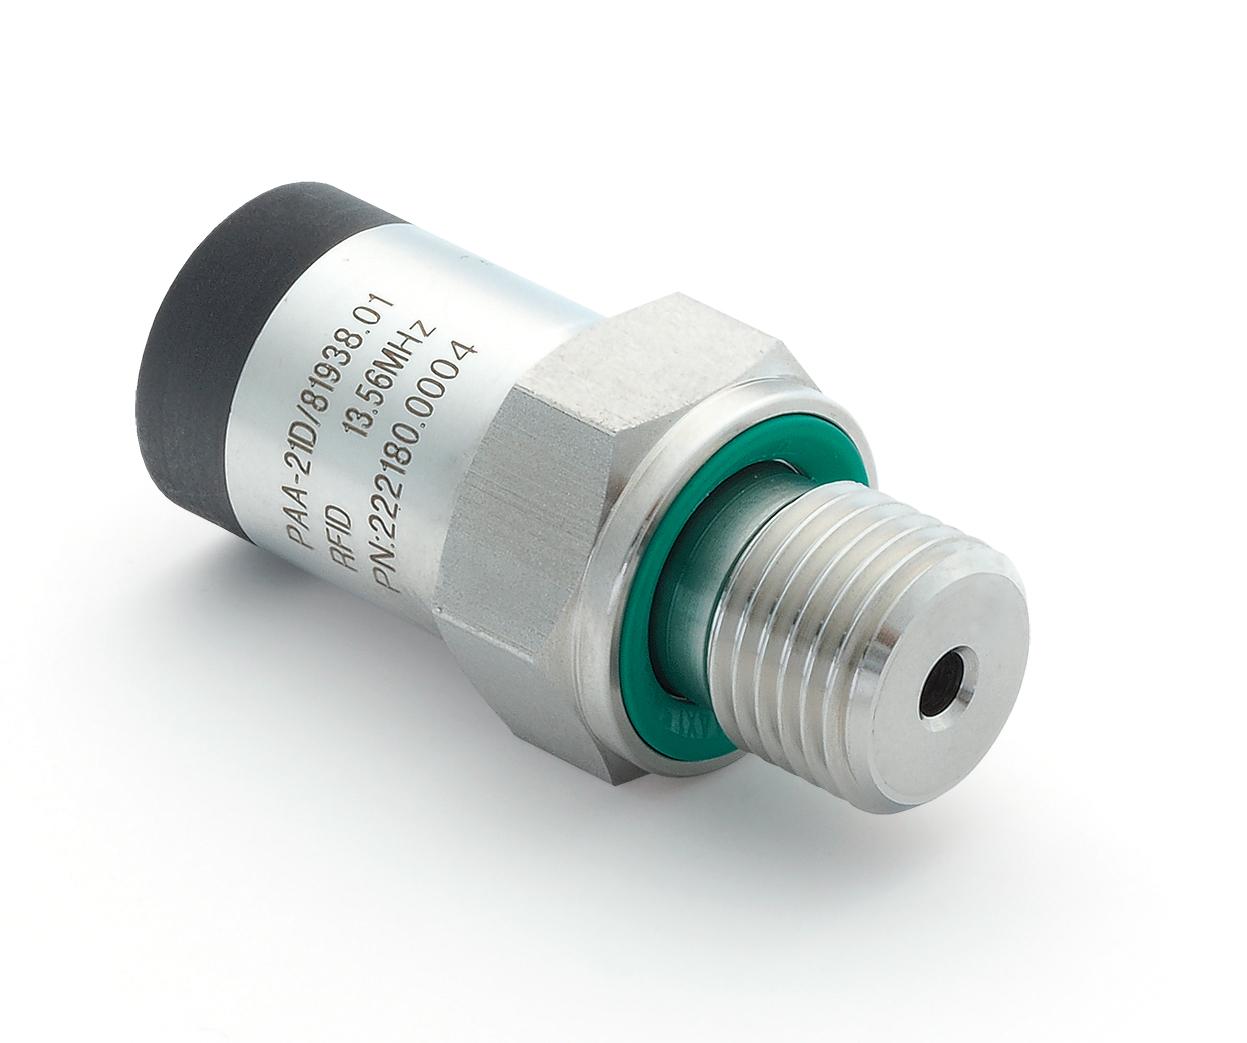 Series 21 RFID Pressure Transponder